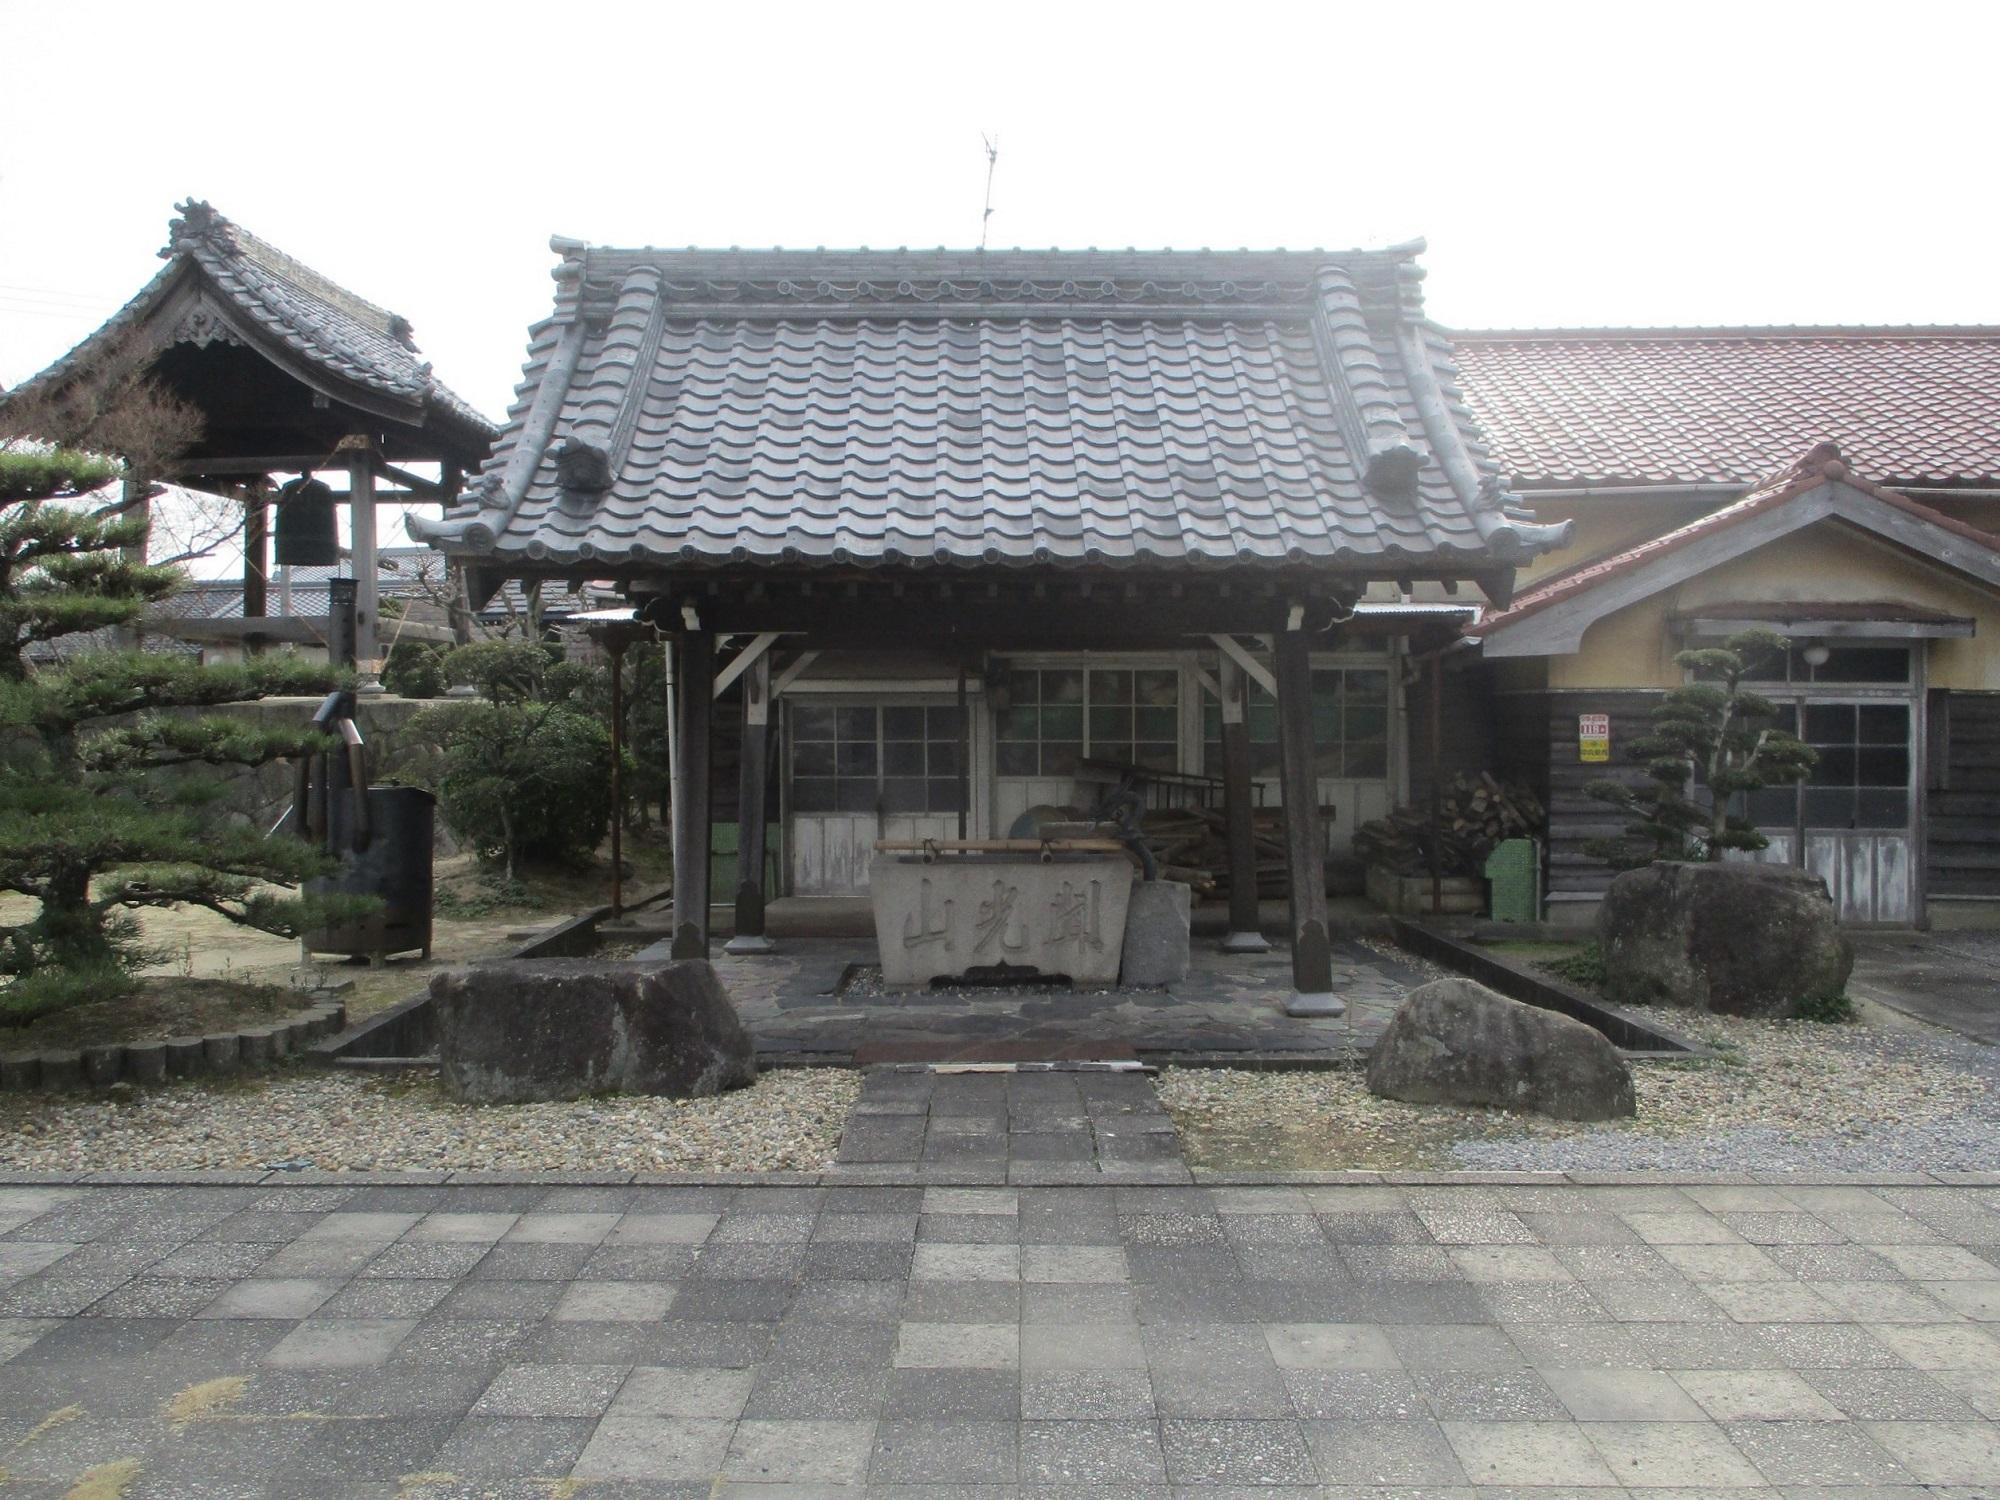 2020.2.3 (10) 城泉寺 - みずや 2000-1500